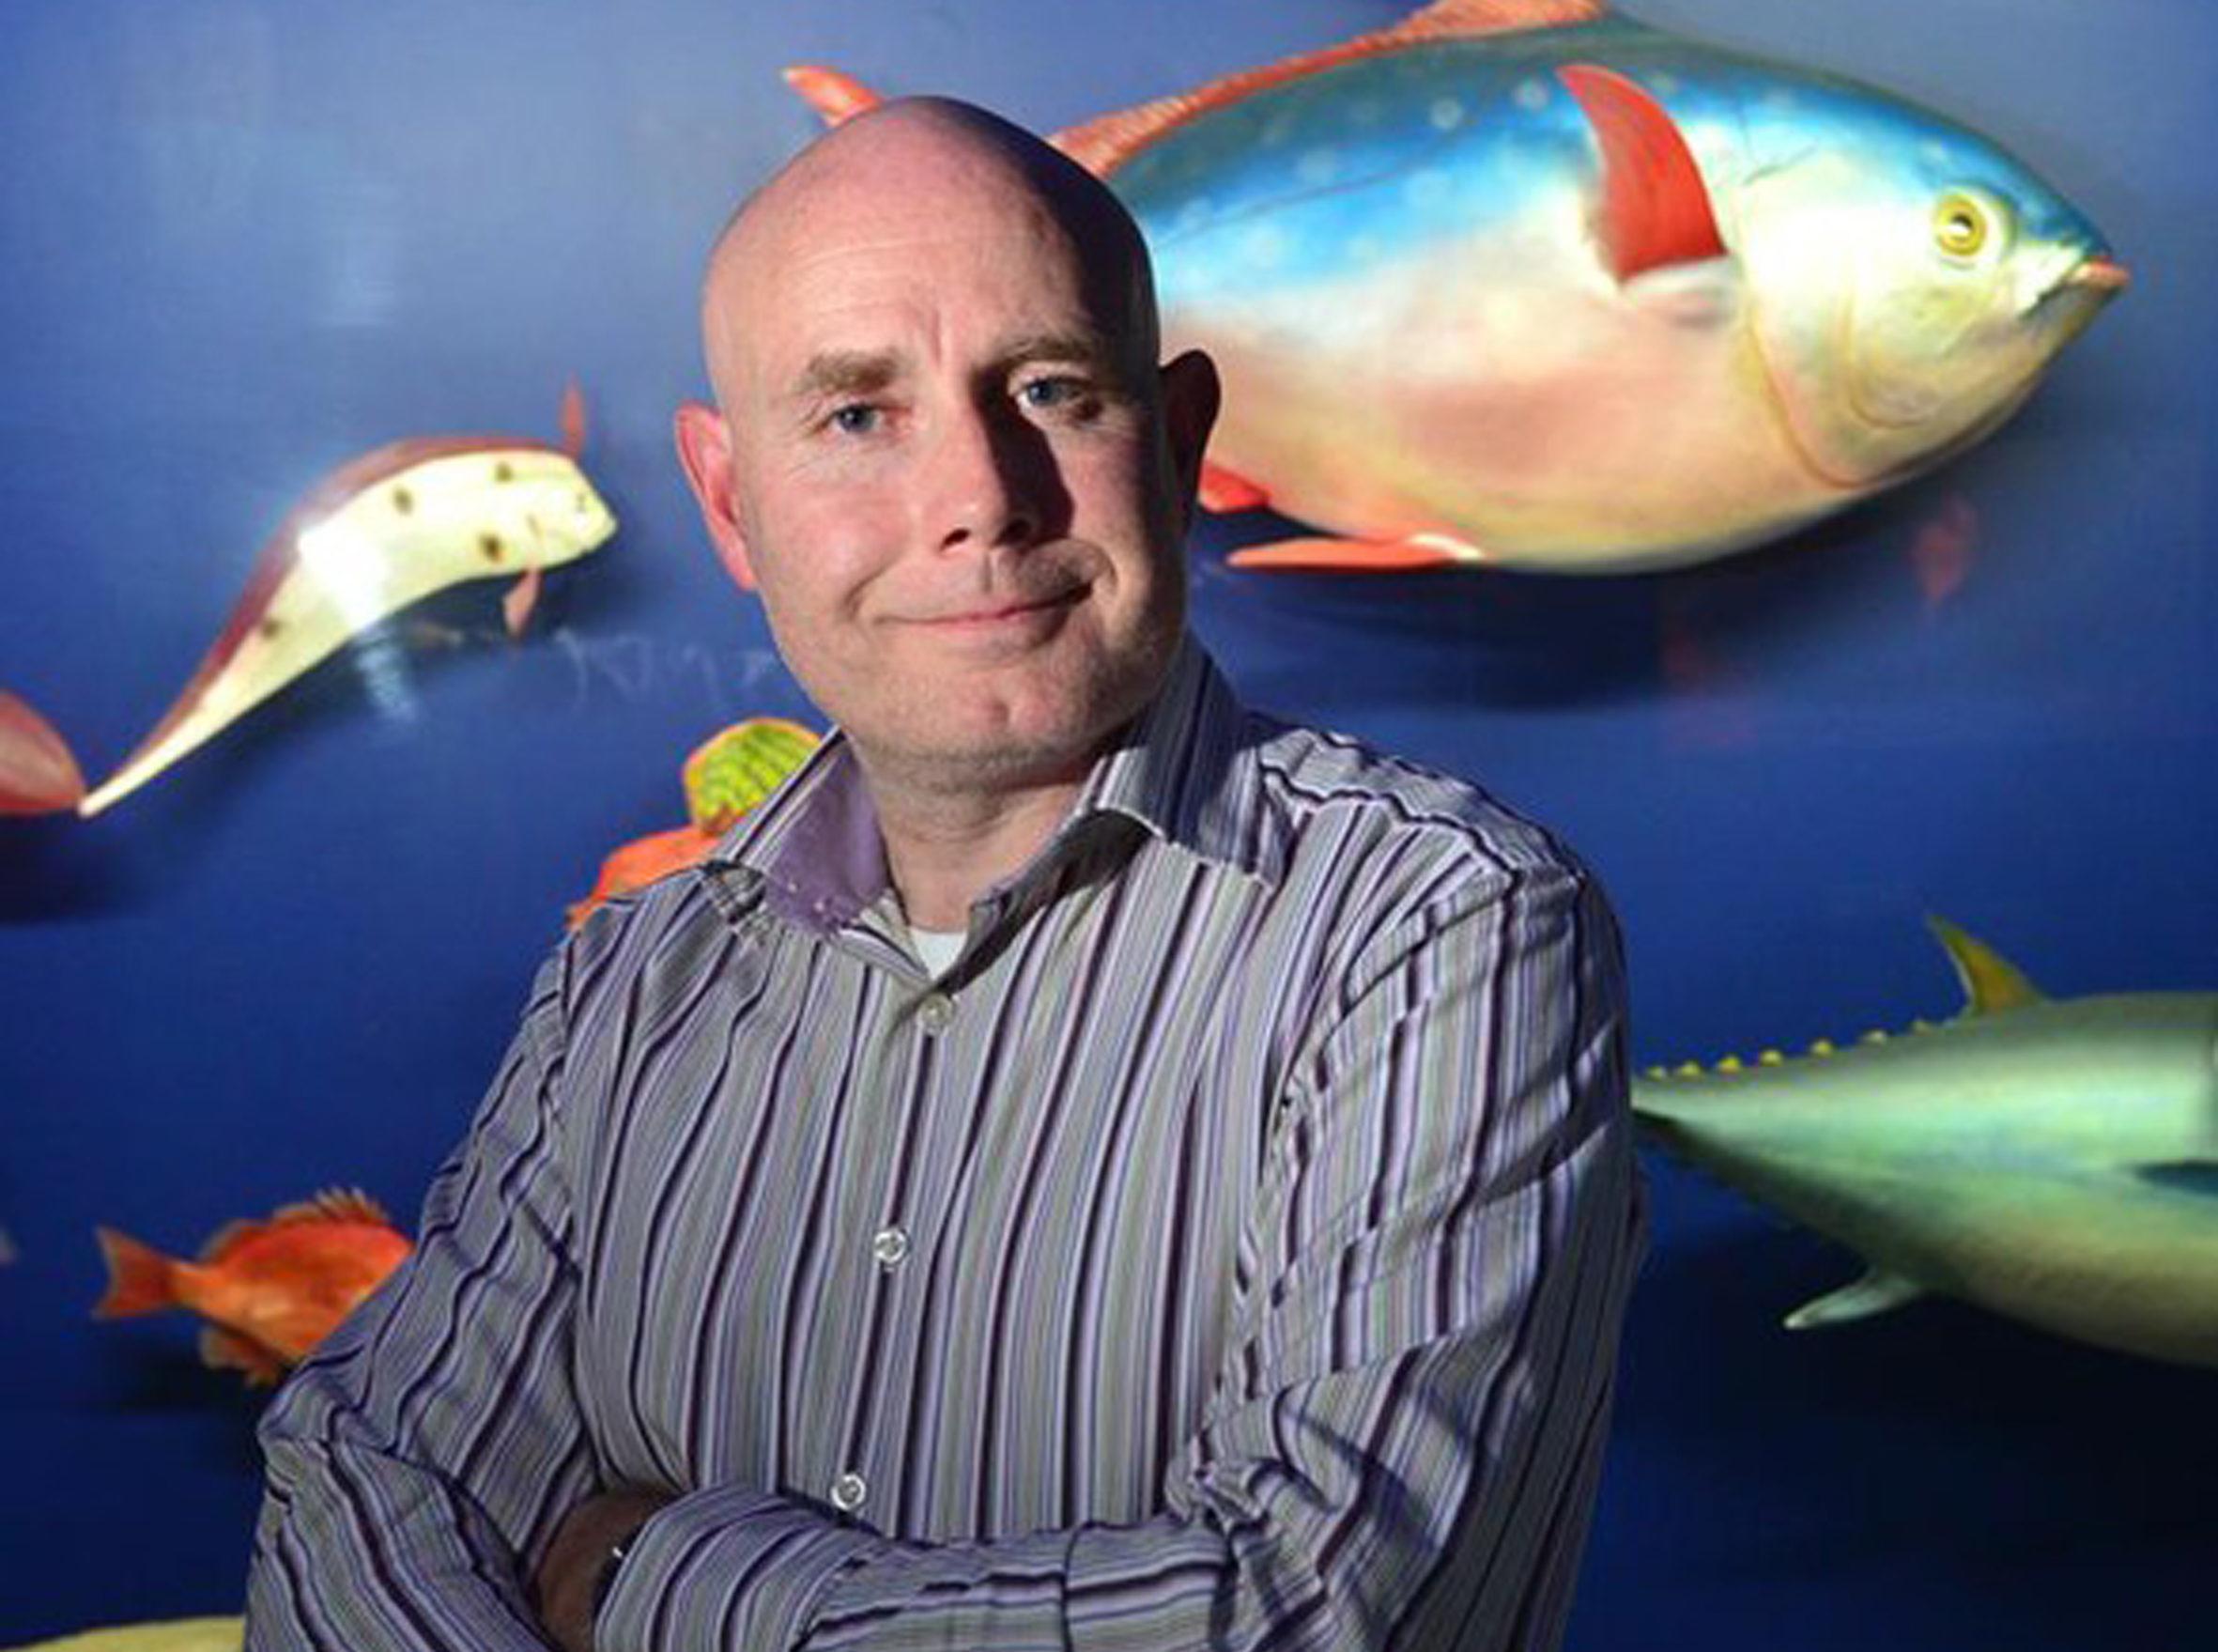 Professor Neil Gemmell